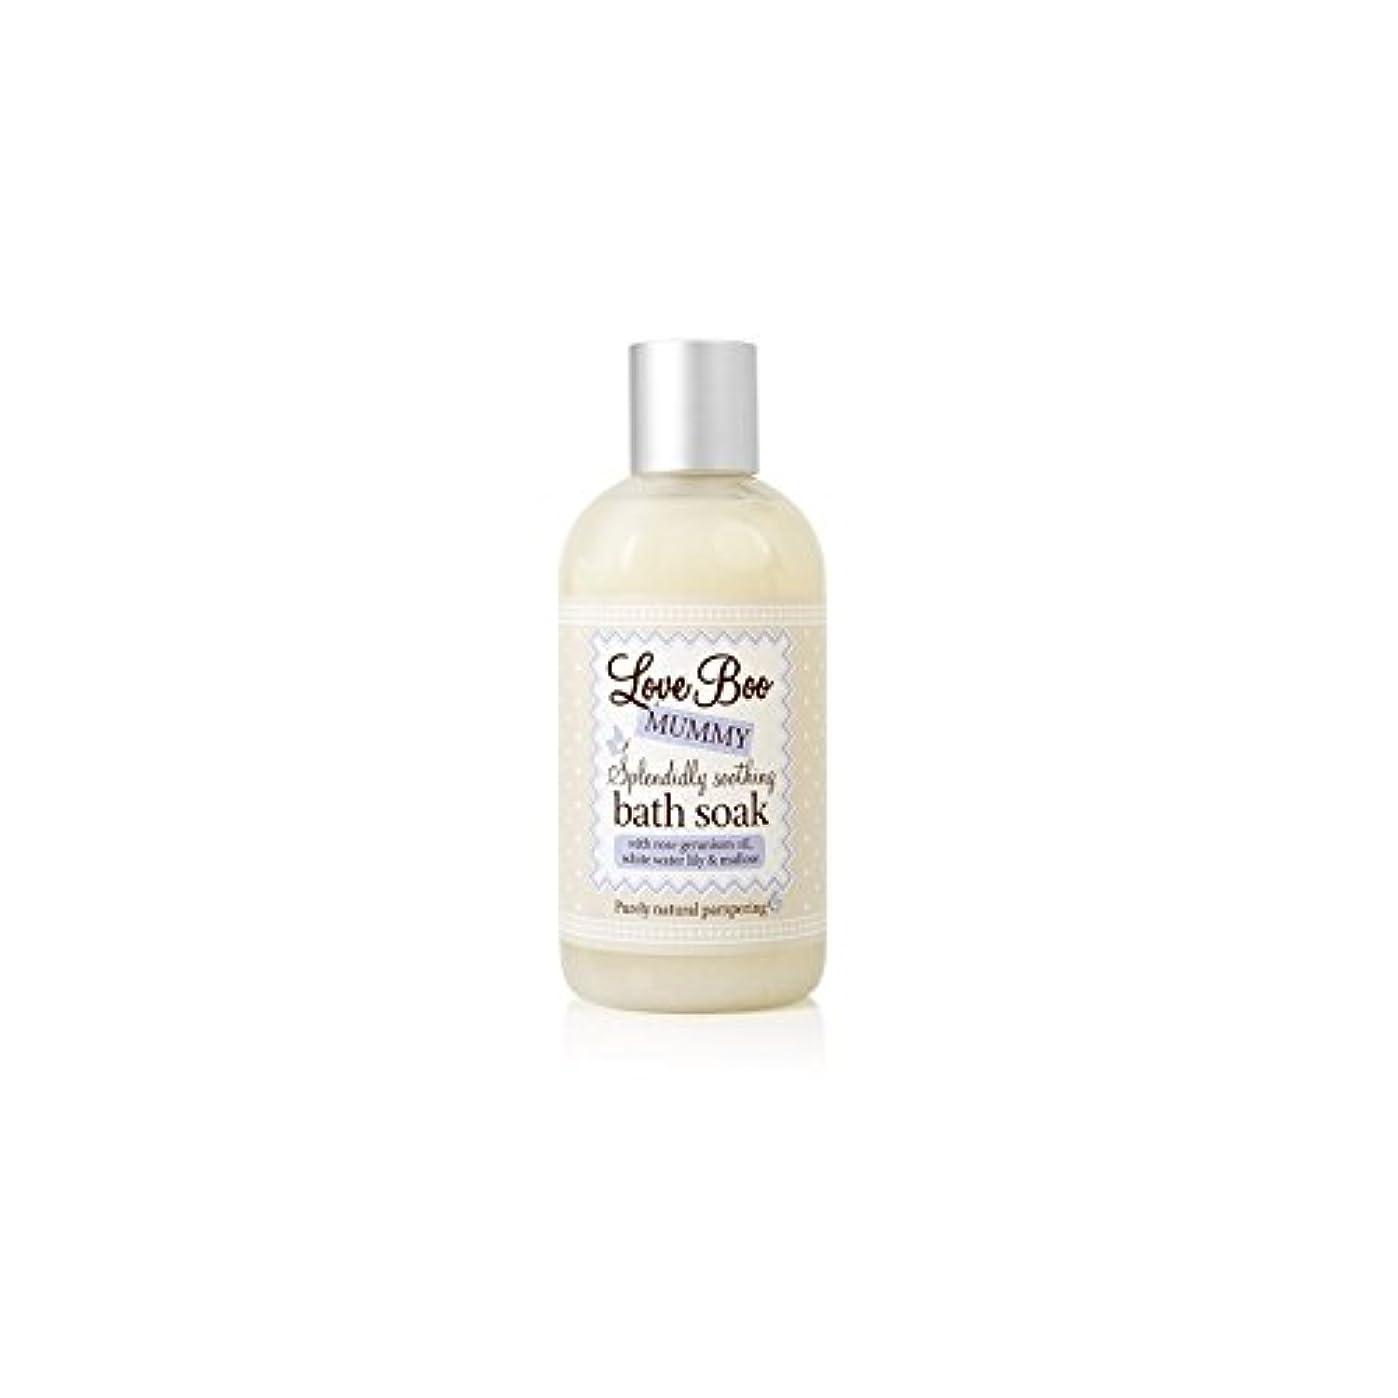 オズワルド感染するエネルギーLove Boo Splendidly Soothing Bath Soak (250ml) (Pack of 6) - ブーイング見事なだめるようなお風呂が大好き(250ミリリットル)を浸します x6 [並行輸入品]